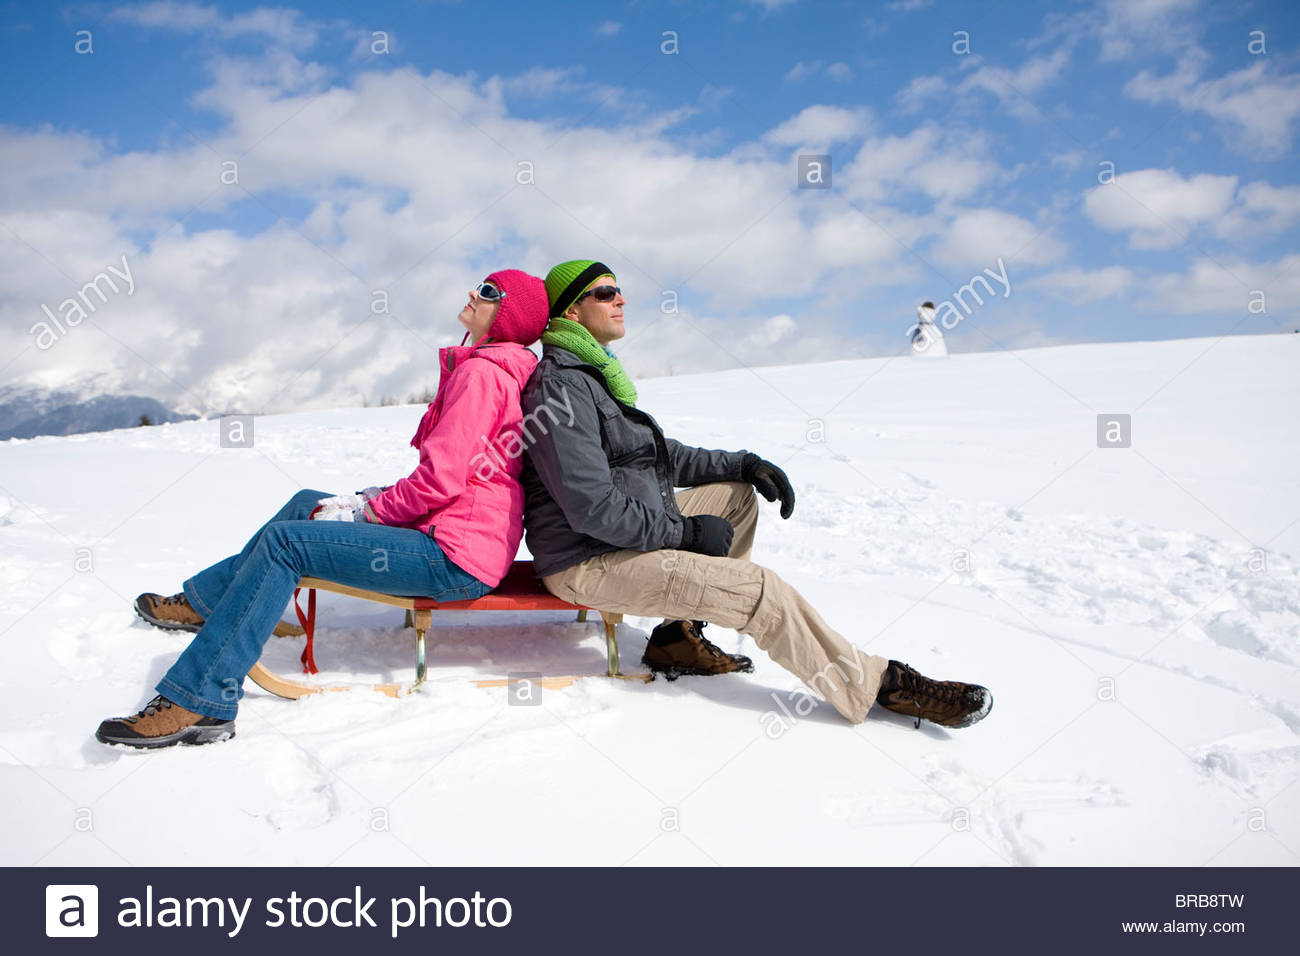 Smiling couple assis sur un traîneau sur la pente de ski enneigées Photo Stock